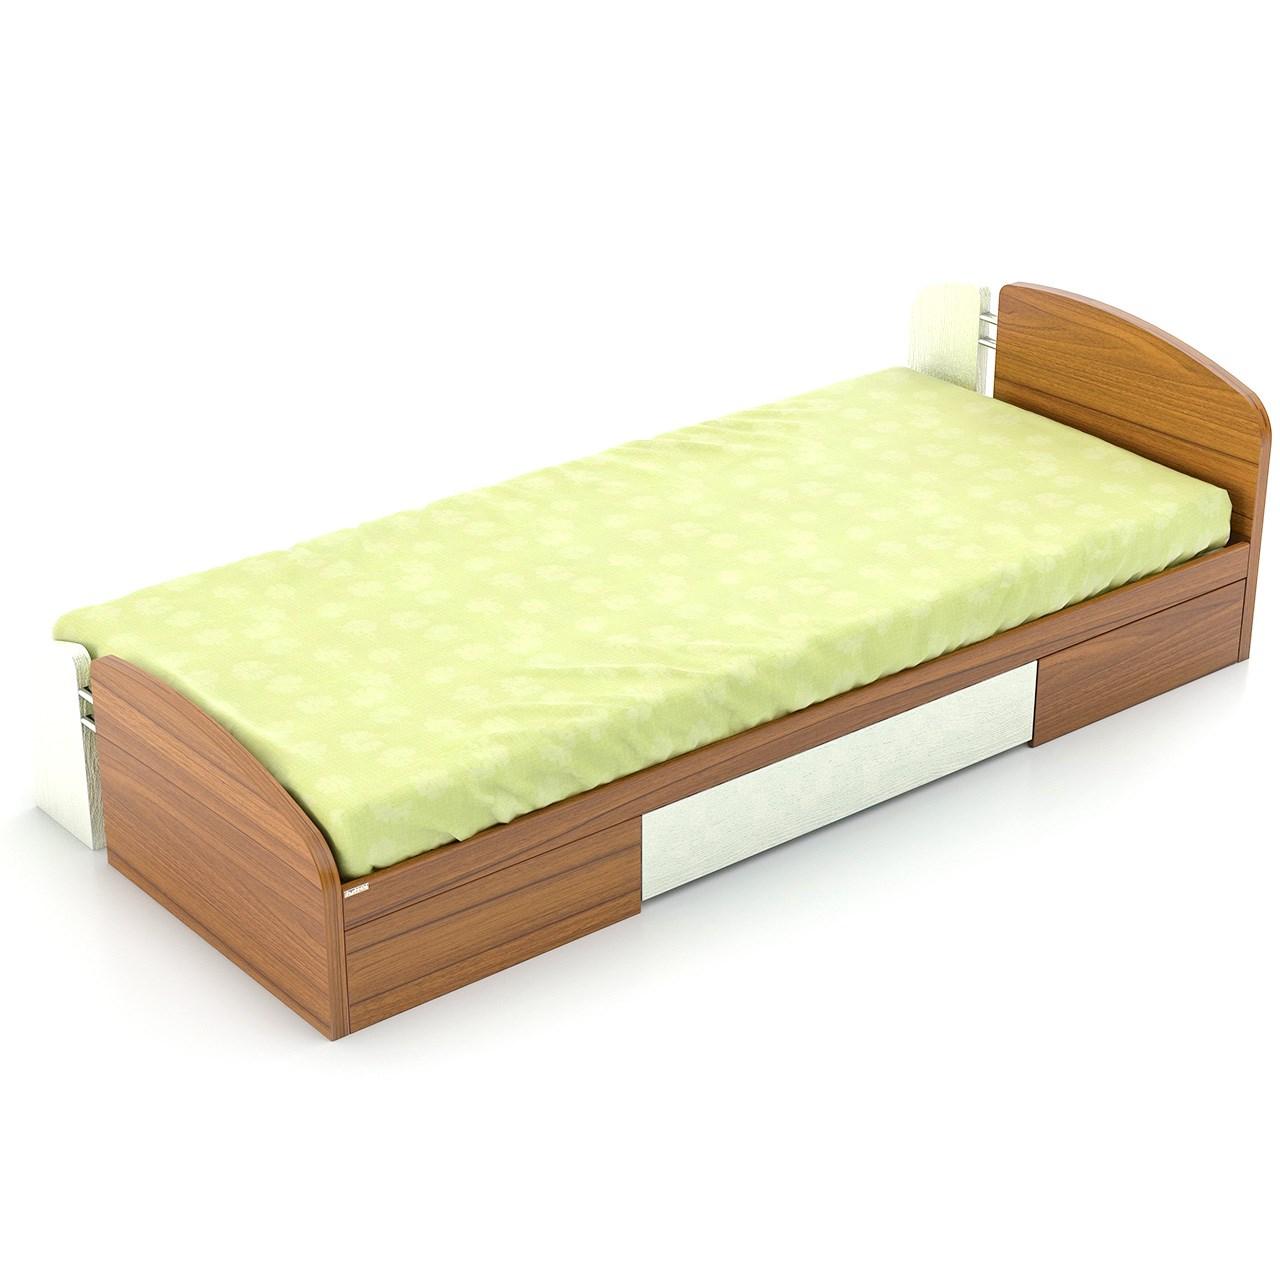 تخت خواب یک نفره فوفل مدل HB 101-B-093-D